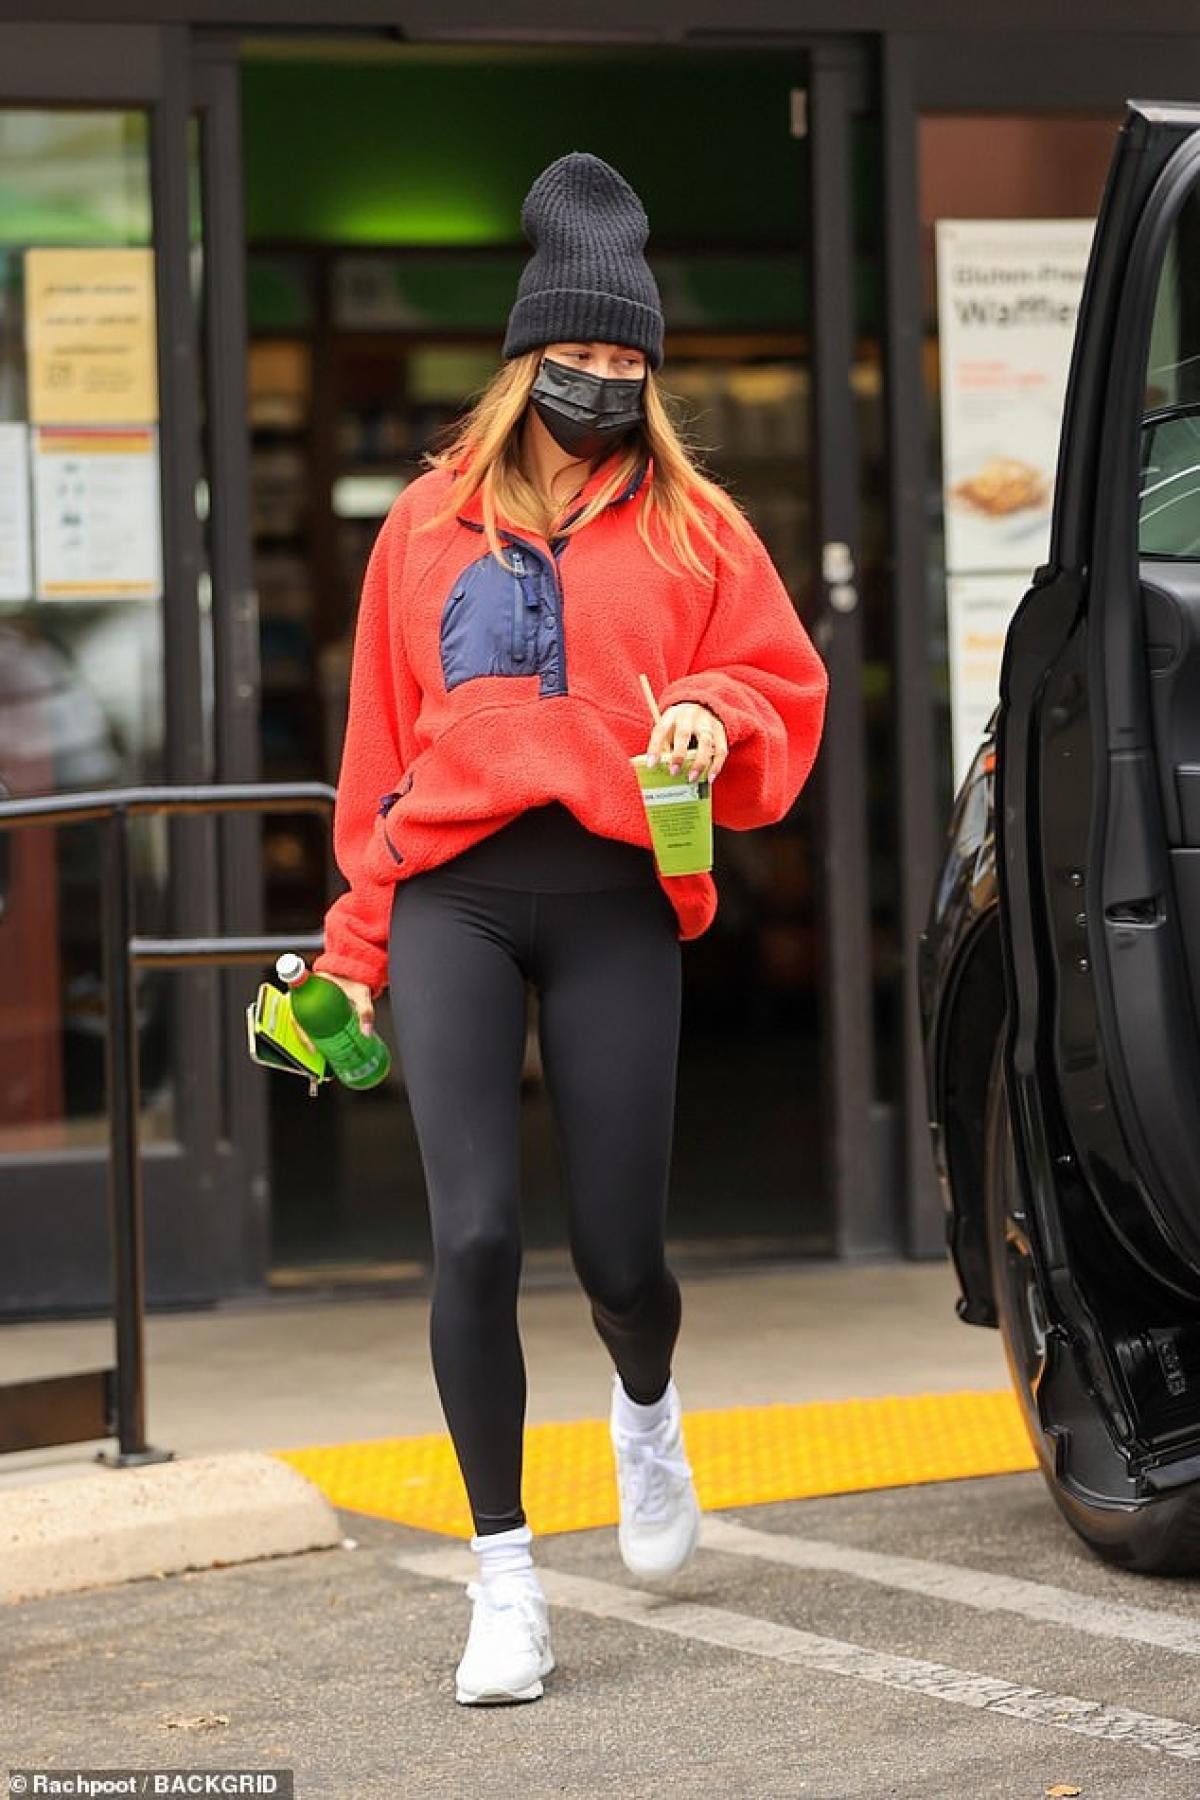 Hailey Baldwin bị cánh săn ảnh bắt gặp đi mua nước trái cây ngay sau khi vừa rời khỏi phòng tập gym ở West Hollywood hôm 14/4. Bà xã Justin Bieber diện trang phục thể thao khỏe khoắn, năng động.